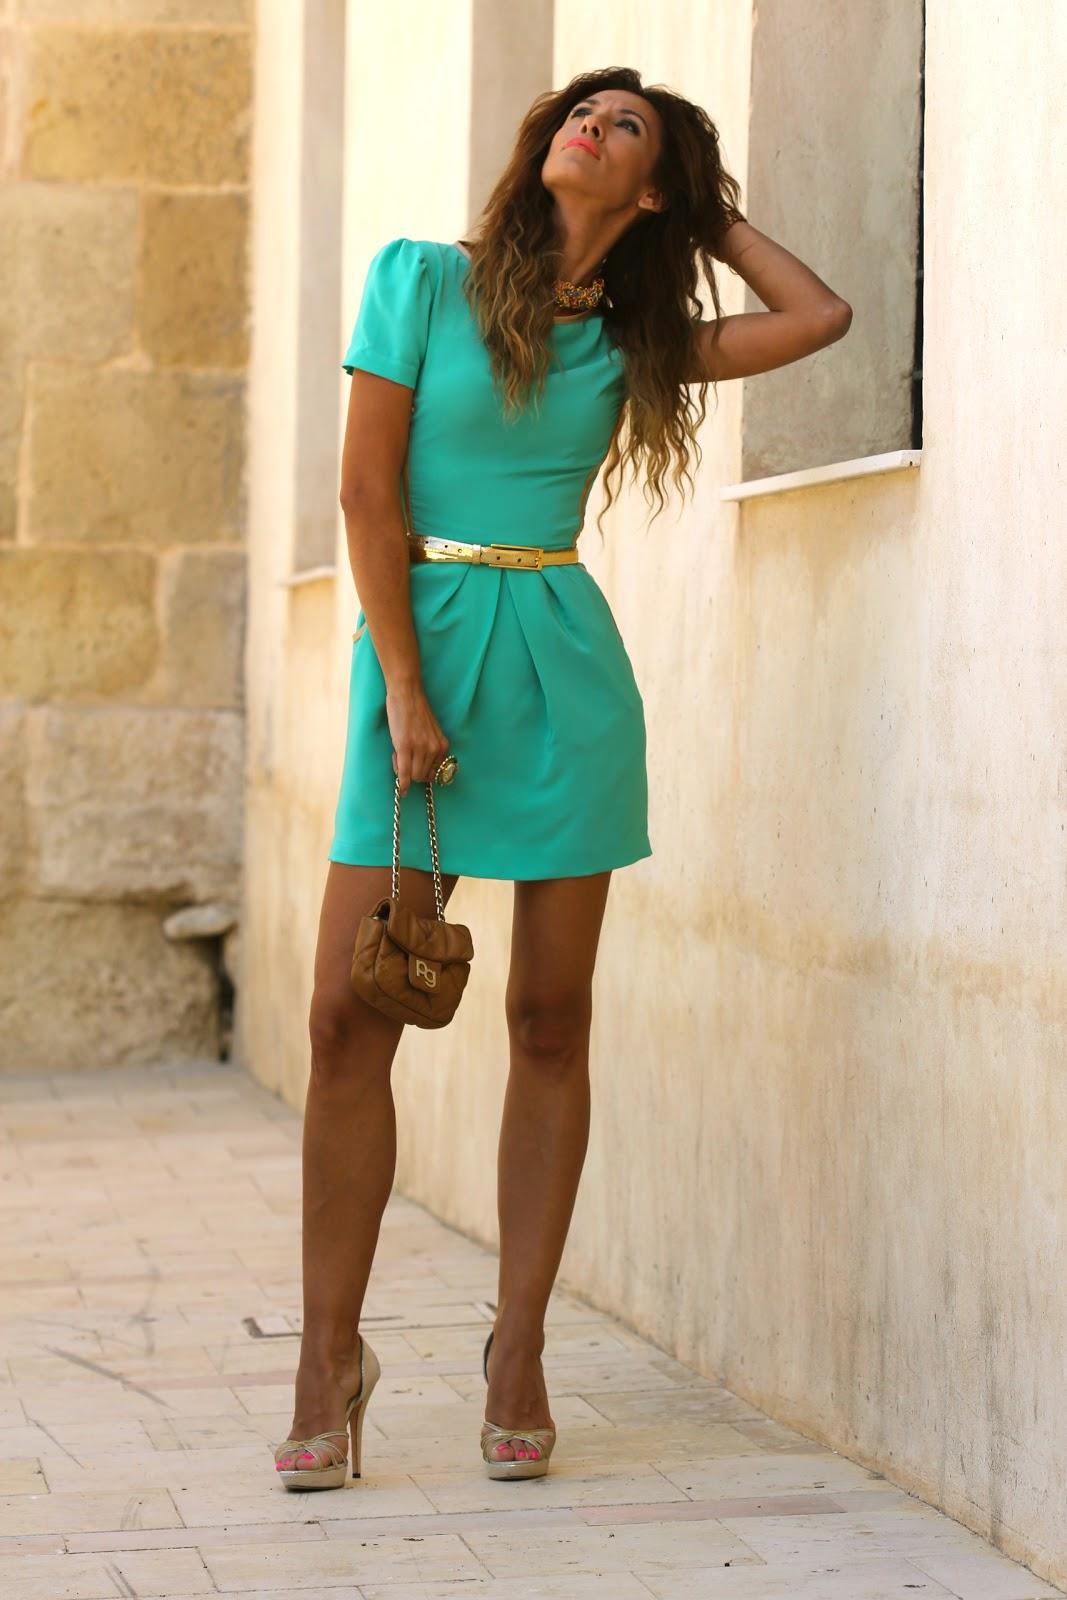 Фото девушки в бирюзовом платье